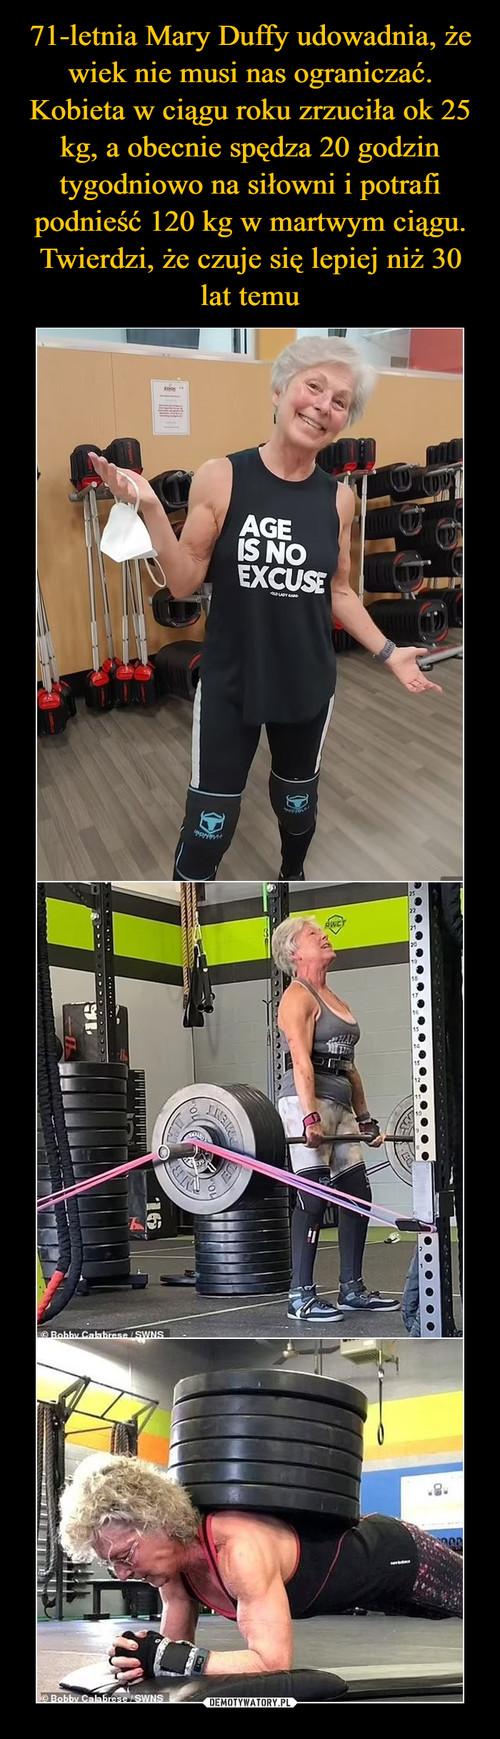 71-letnia Mary Duffy udowadnia, że wiek nie musi nas ograniczać. Kobieta w ciągu roku zrzuciła ok 25 kg, a obecnie spędza 20 godzin tygodniowo na siłowni i potrafi podnieść 120 kg w martwym ciągu. Twierdzi, że czuje się lepiej niż 30 lat temu